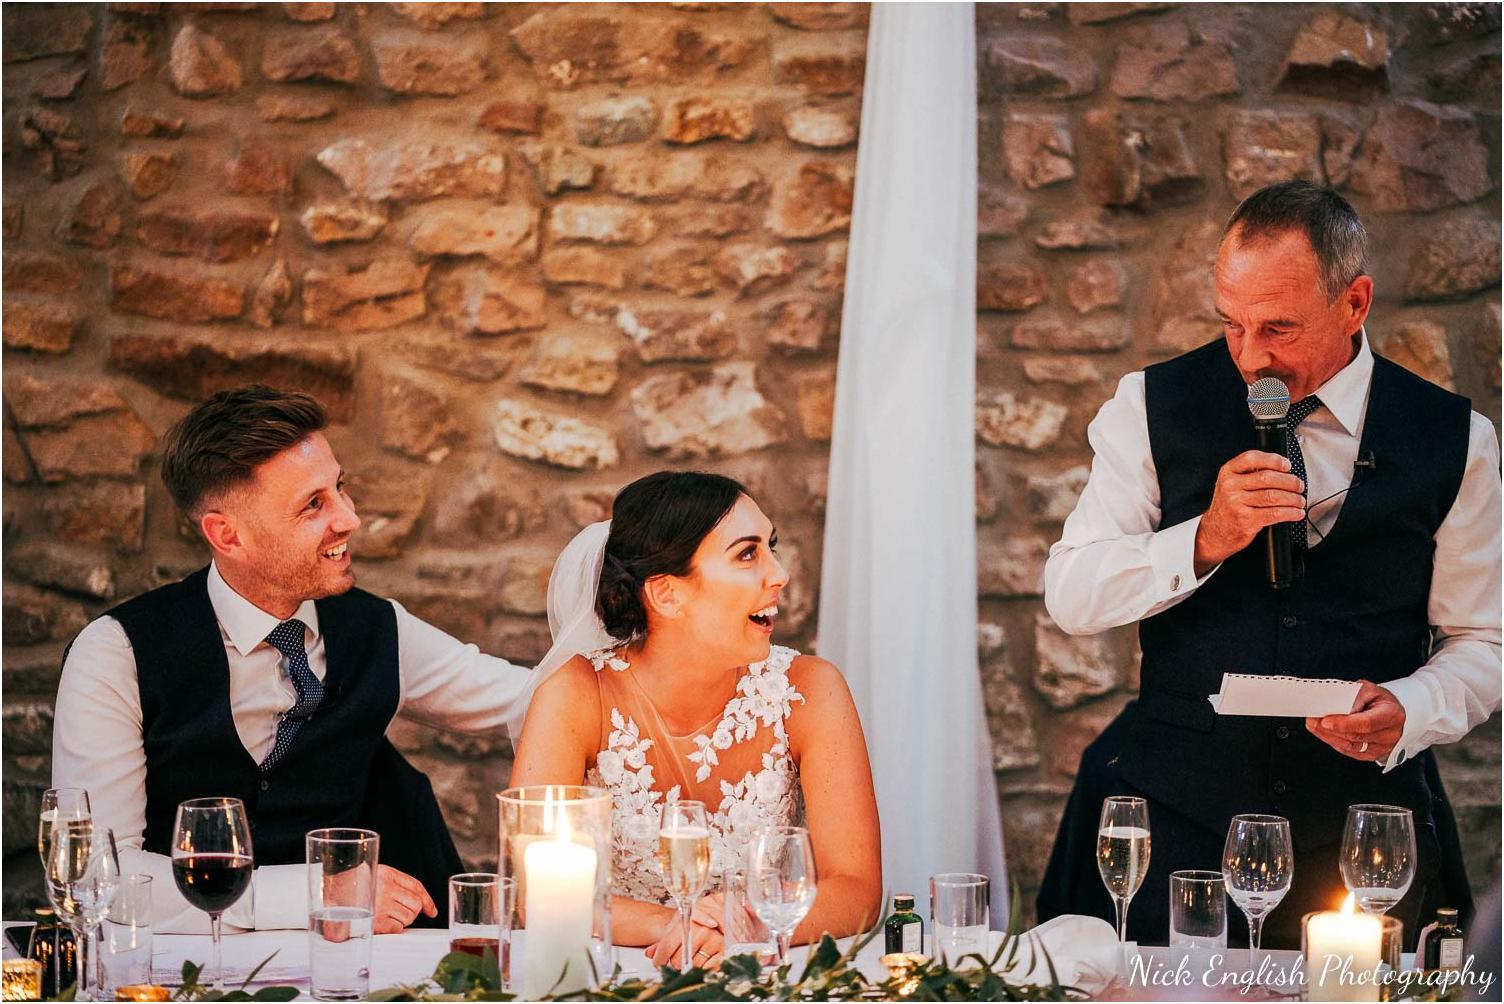 Browsholme_Hall_Barn_Wedding_Nick_English_Photography-139.jpg